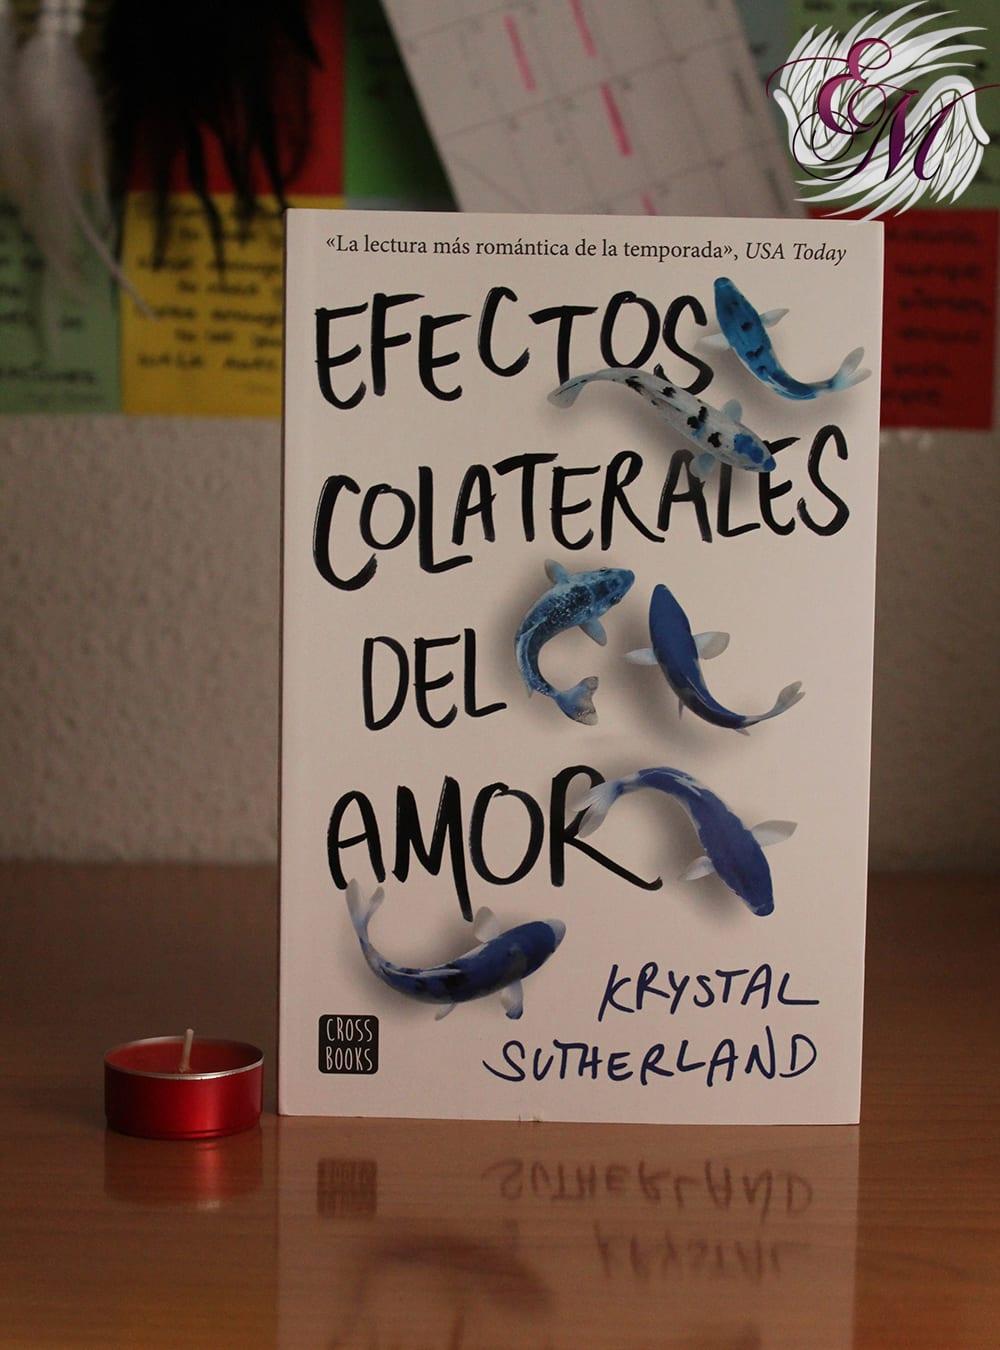 Efectos colaterales del amor, de Krystal Sutherland - Reseña